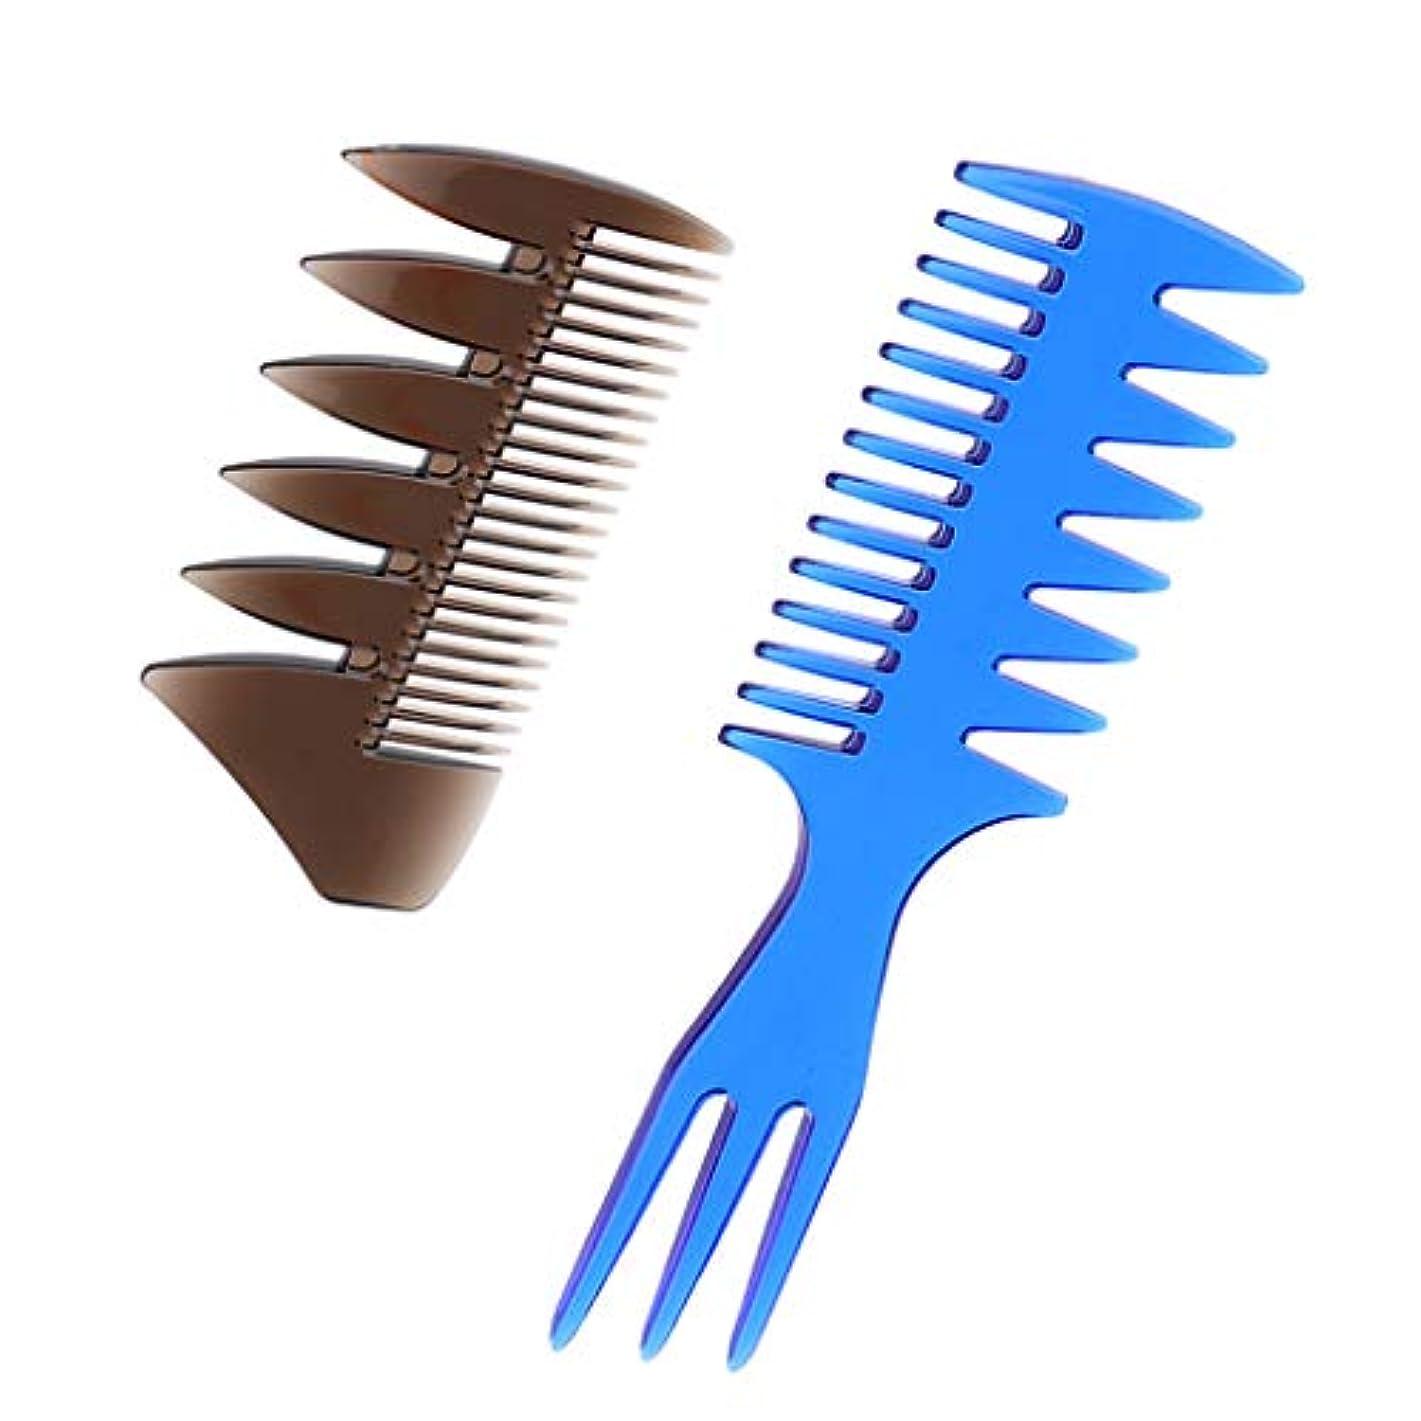 広く前奏曲充電B Baosity 2本 広い歯櫛 コーム 3-in-1櫛 2-in-1櫛 多目的 ヘアサロン 美容師